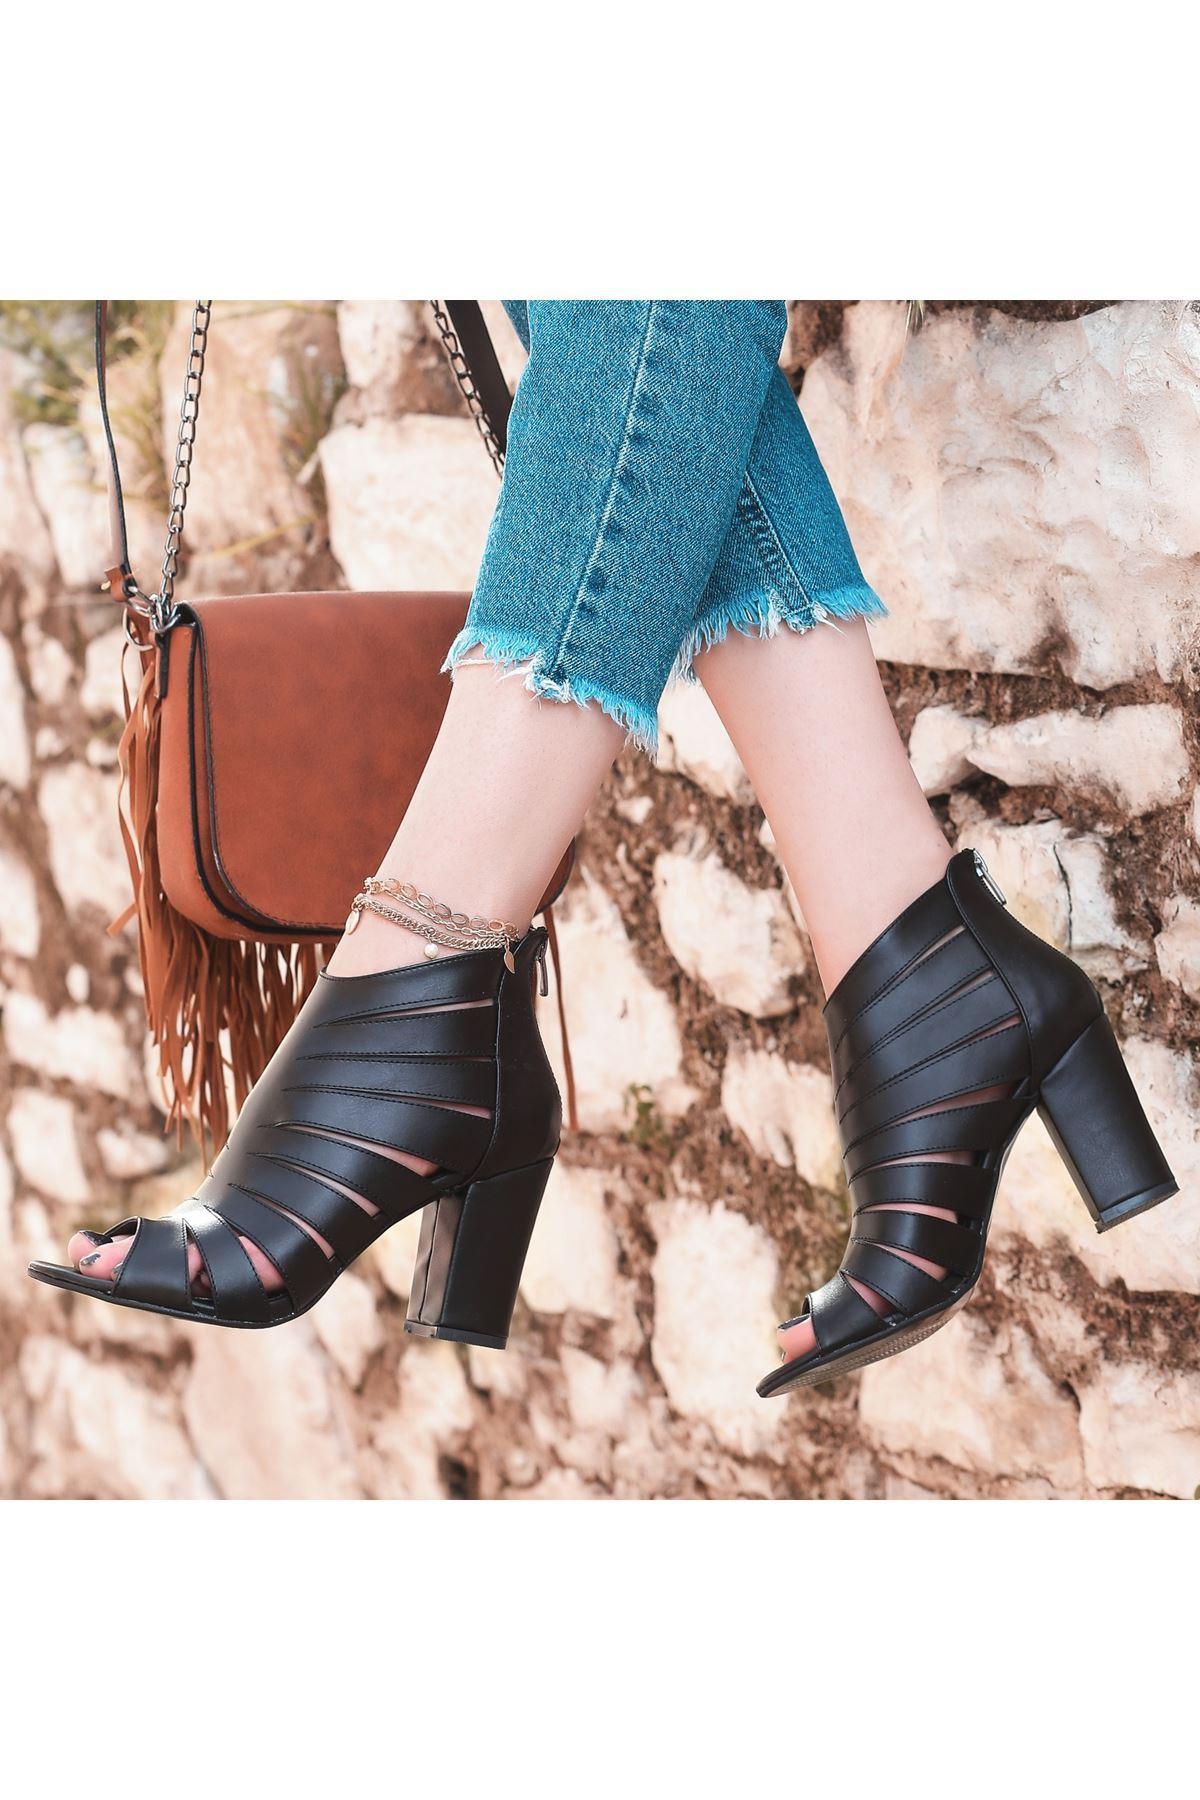 Berd Siyah Cilt Topuklu Ayakkabı